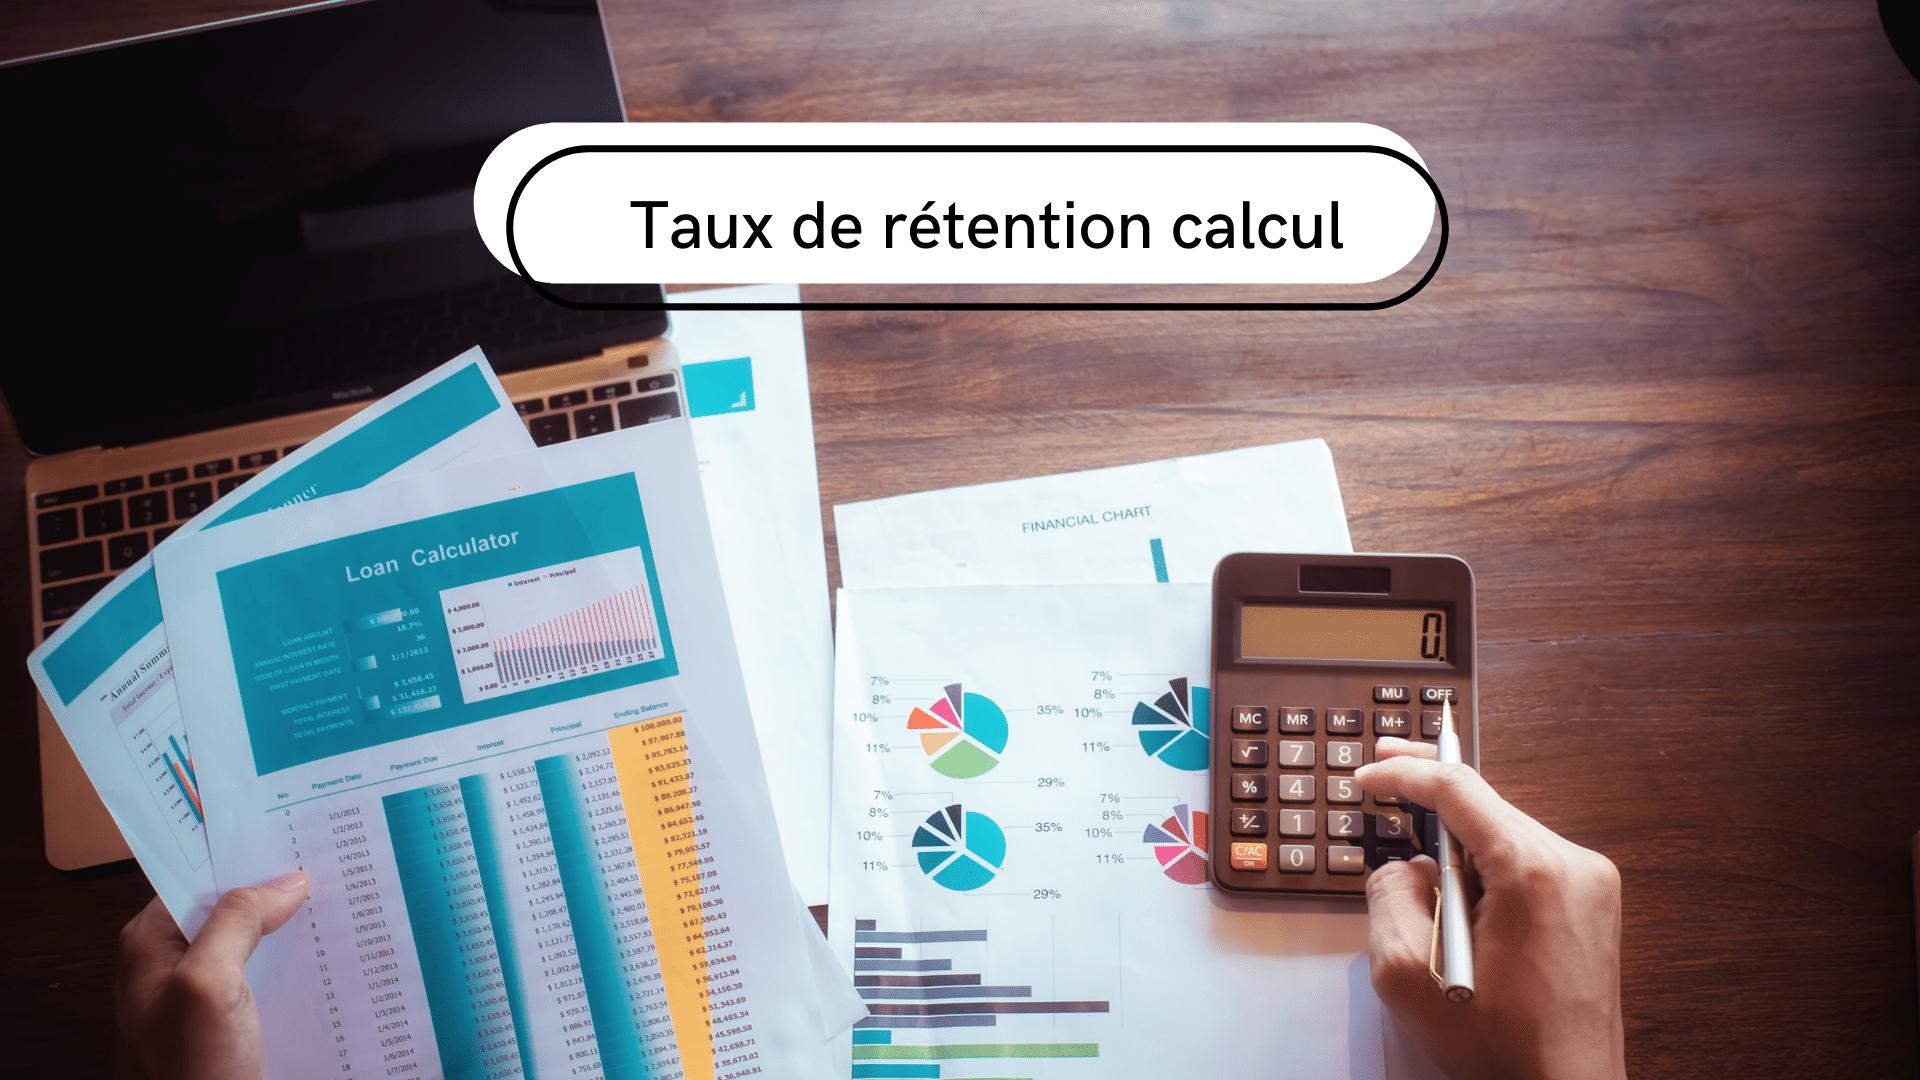 calcul taux de rétention